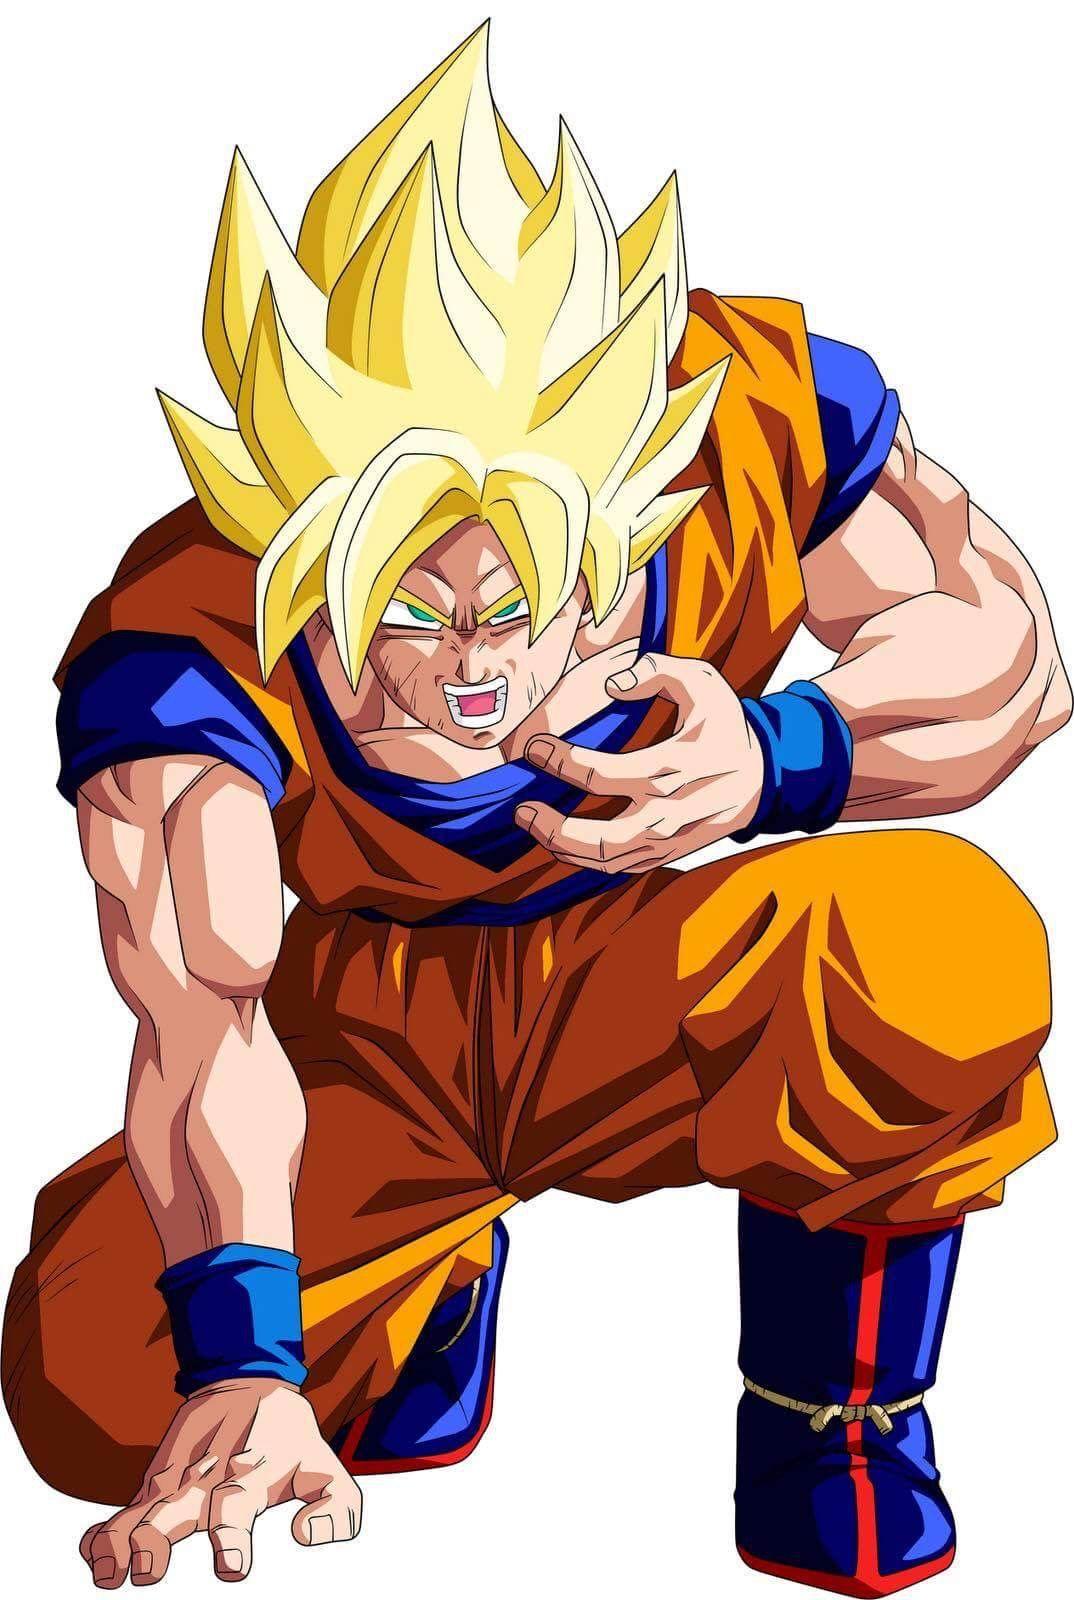 Goku Ssaiyanjin Anime Dragon Ball Super Dragon Ball Artwork Dragon Ball Z